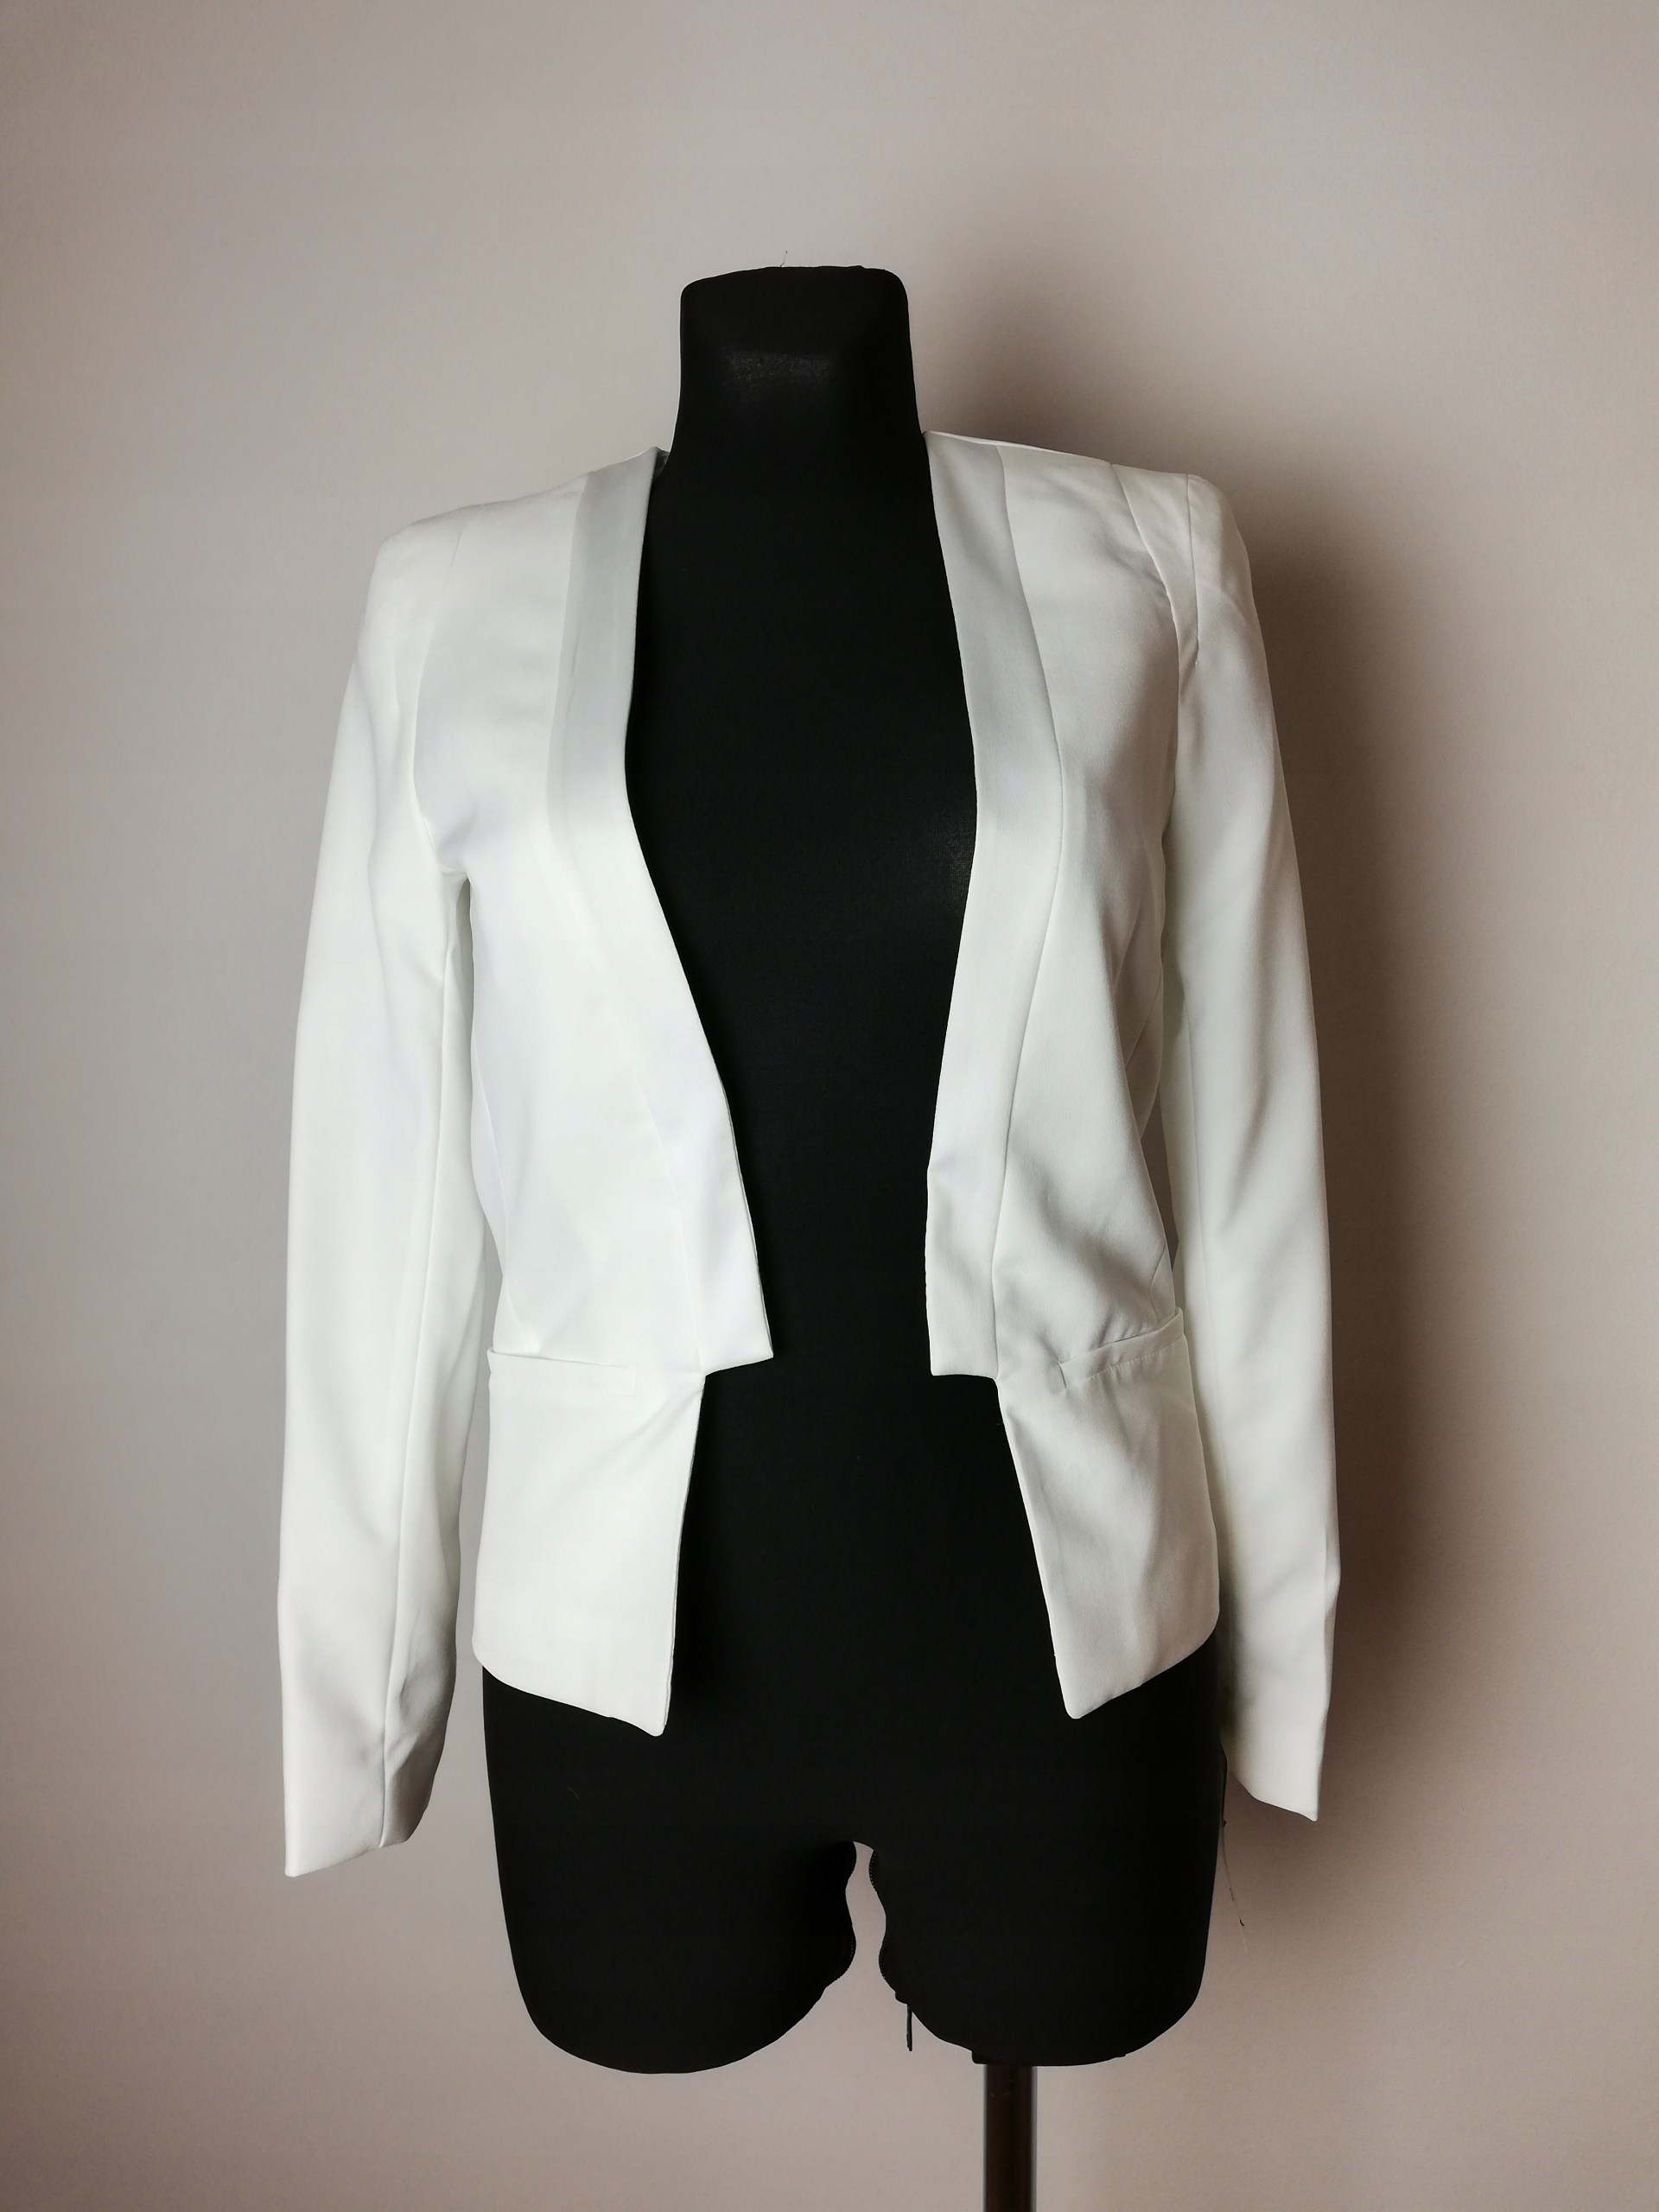 Biały żakiet marynrka MANGO nowa 34 XS